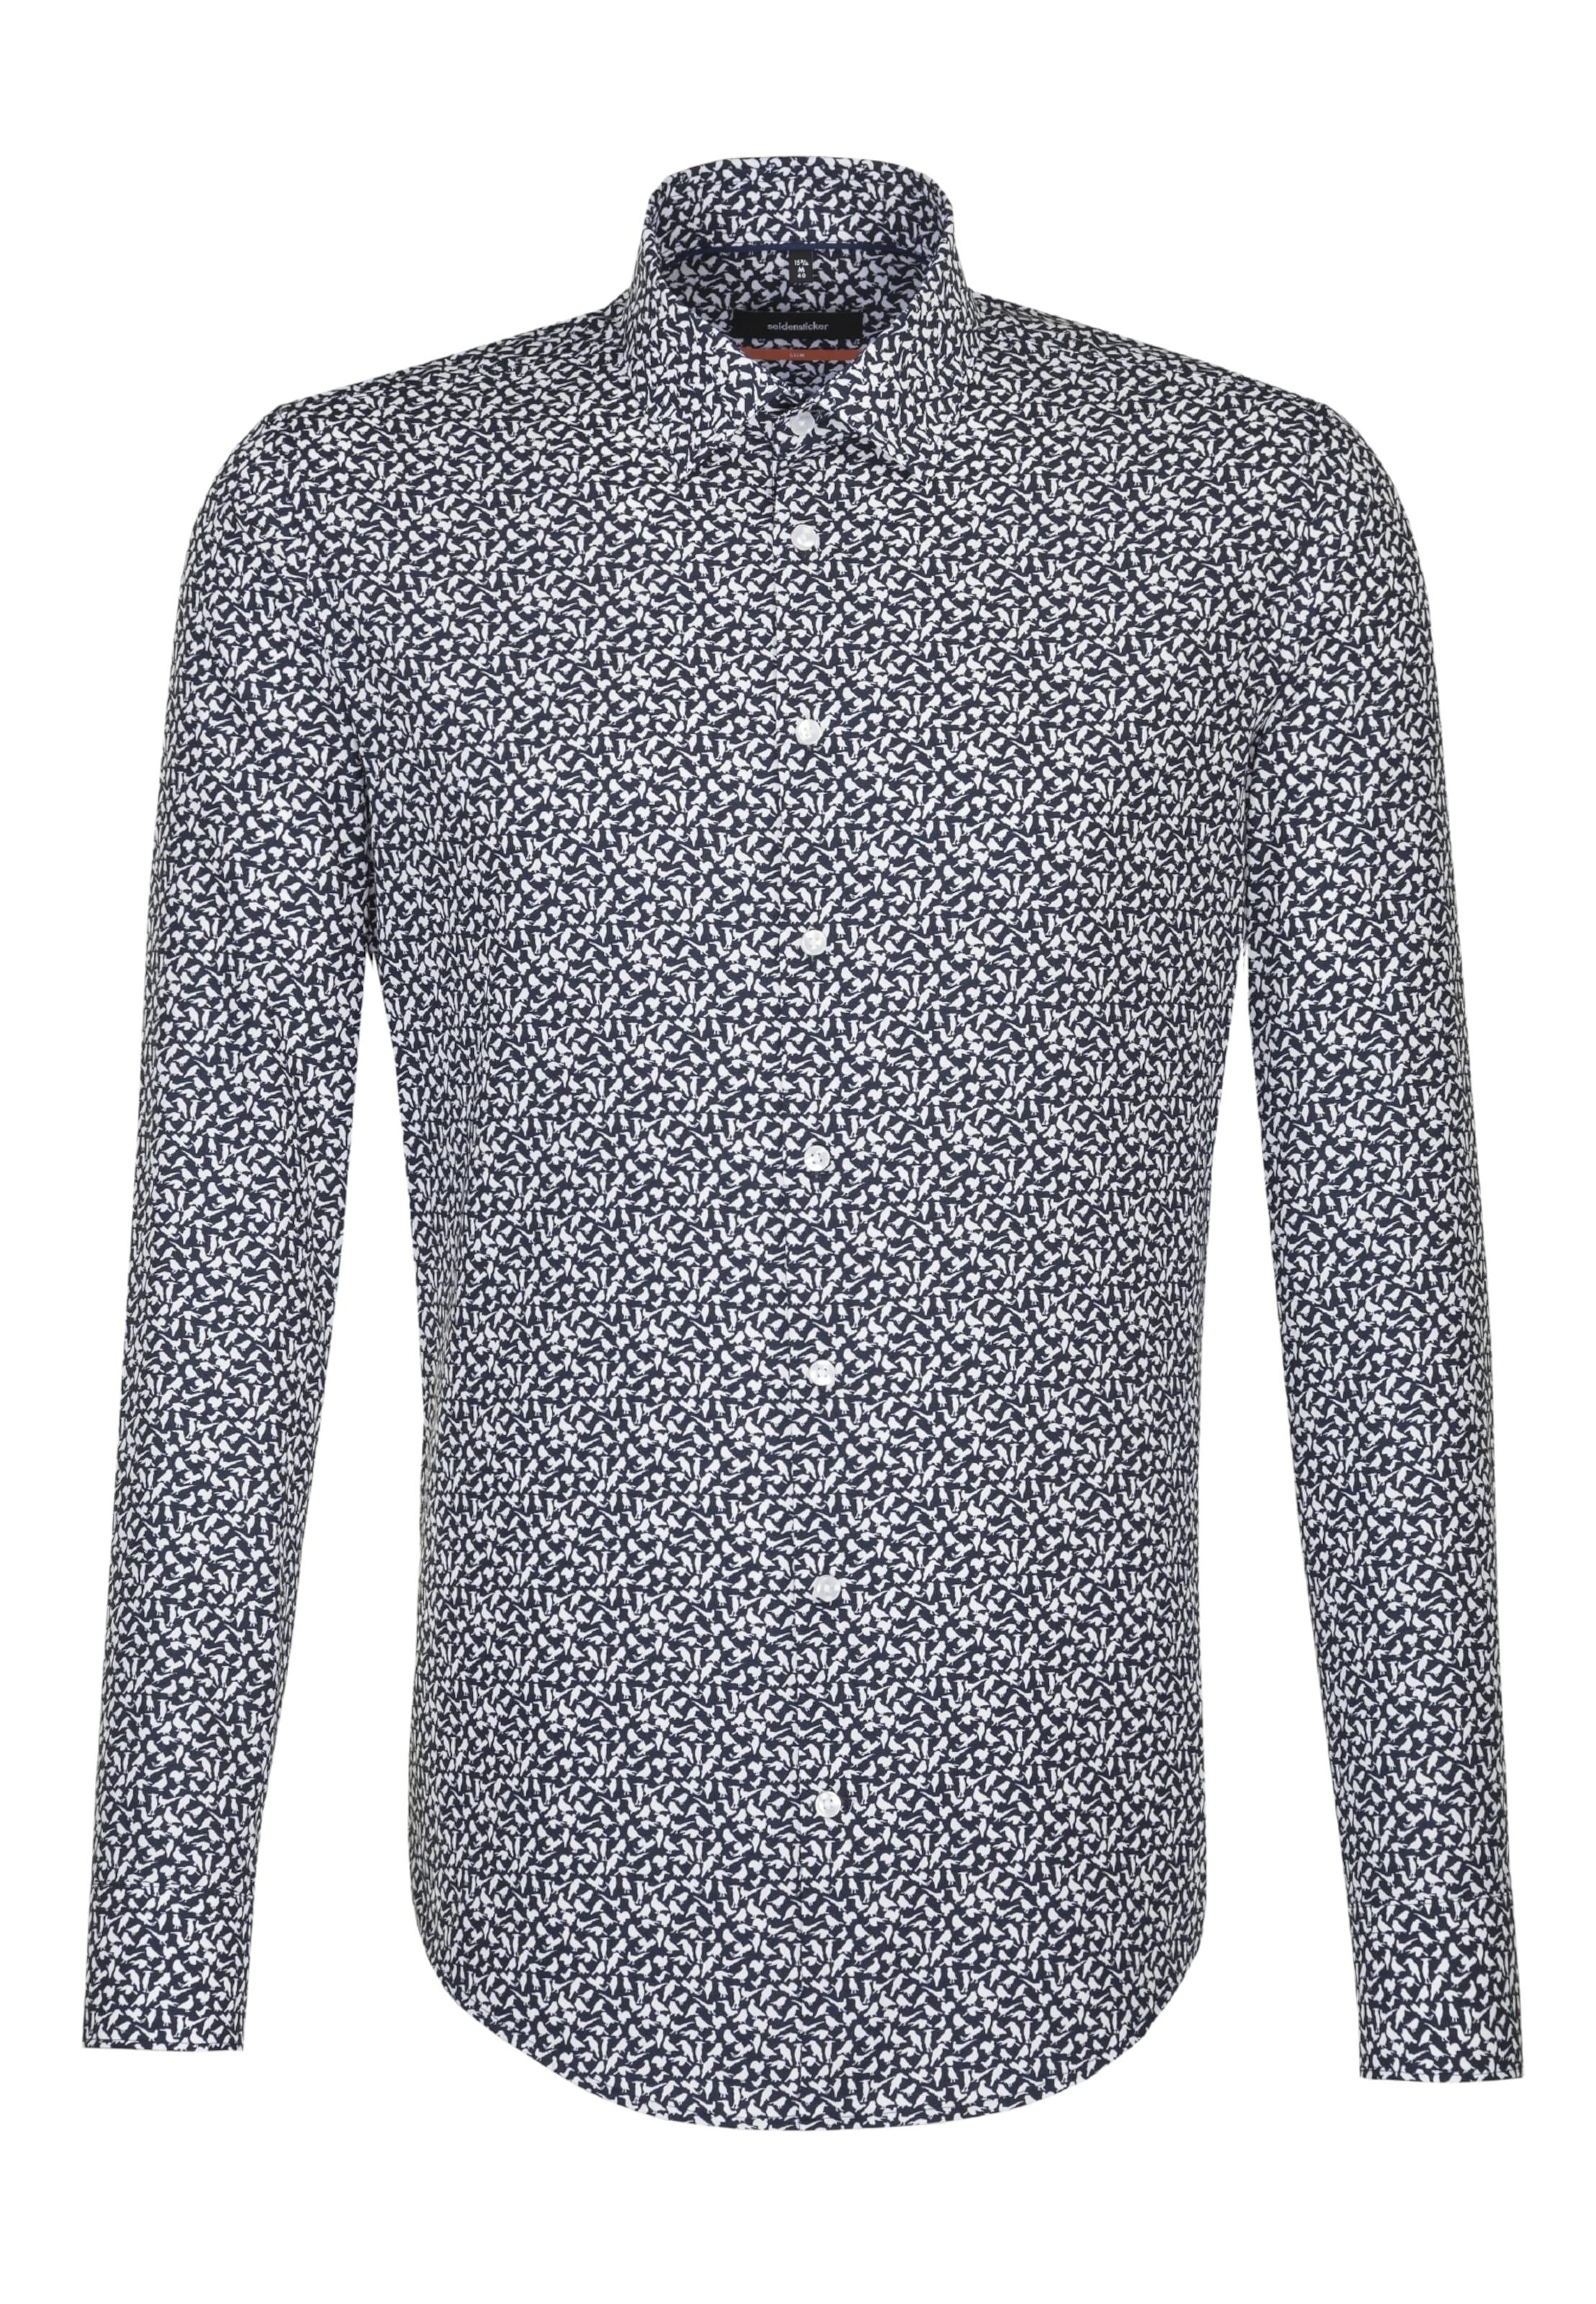 SEIDENSTICKER City-Hemd ' Slim ' Äußerst Billig Verkauf Für Billig Billig Verkauf 2018 Neueste Manchester Günstiger Preis Niedriger Preis Günstiger Preis Y46zcg